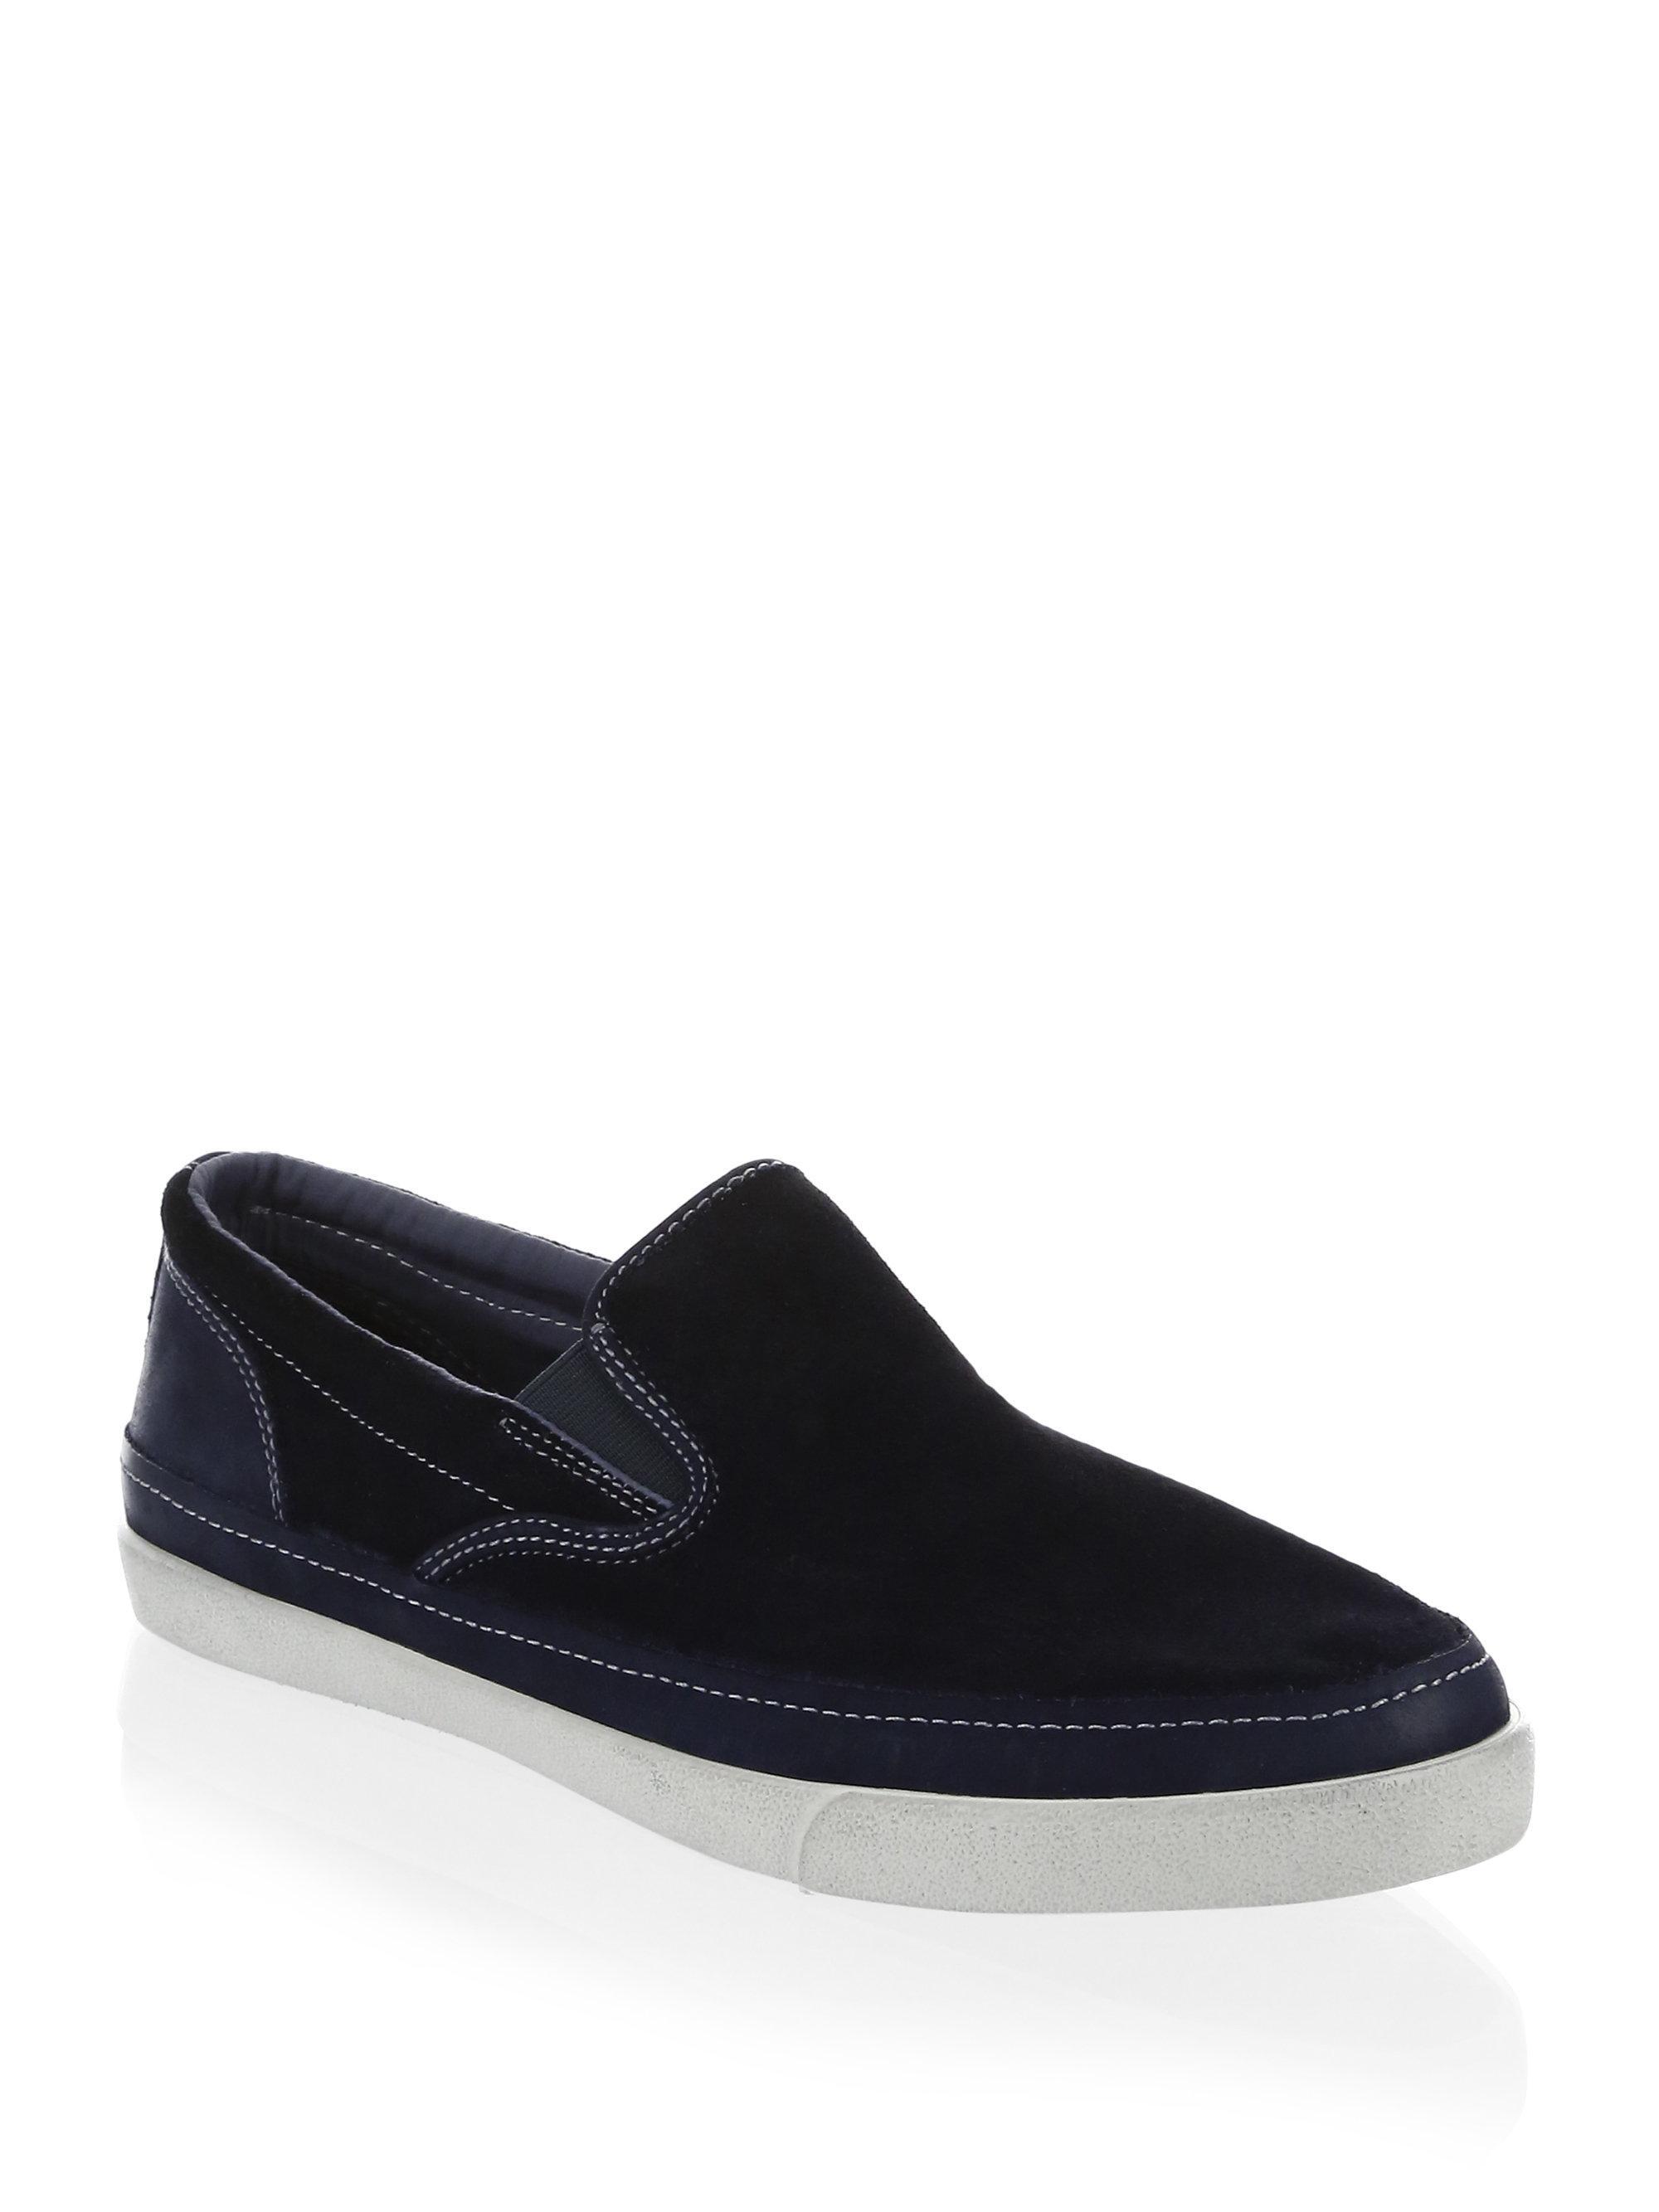 John Varvatos Men's Jet Suede Slip-On Sneakers 4X6kn